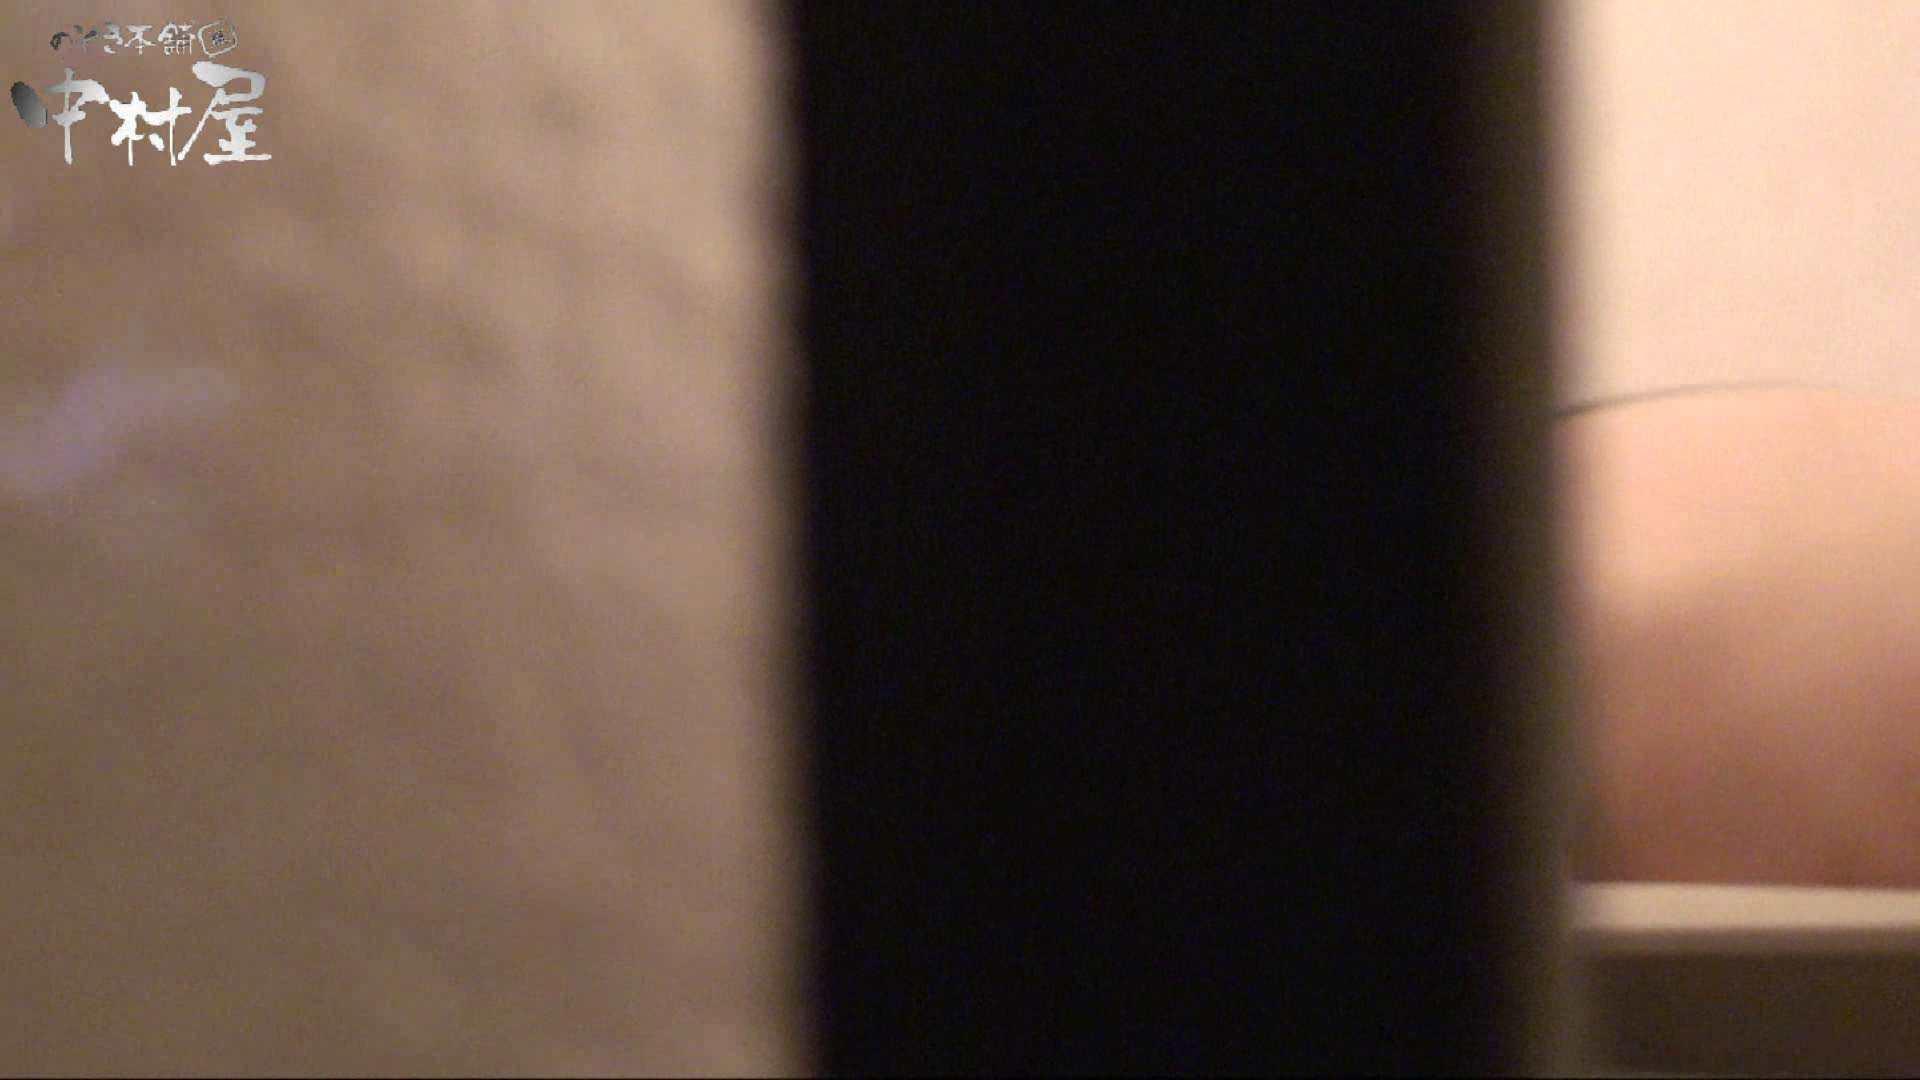 民家盗撮 隙間の向こう側 vol.01 盗撮 SEX無修正画像 105PICs 74